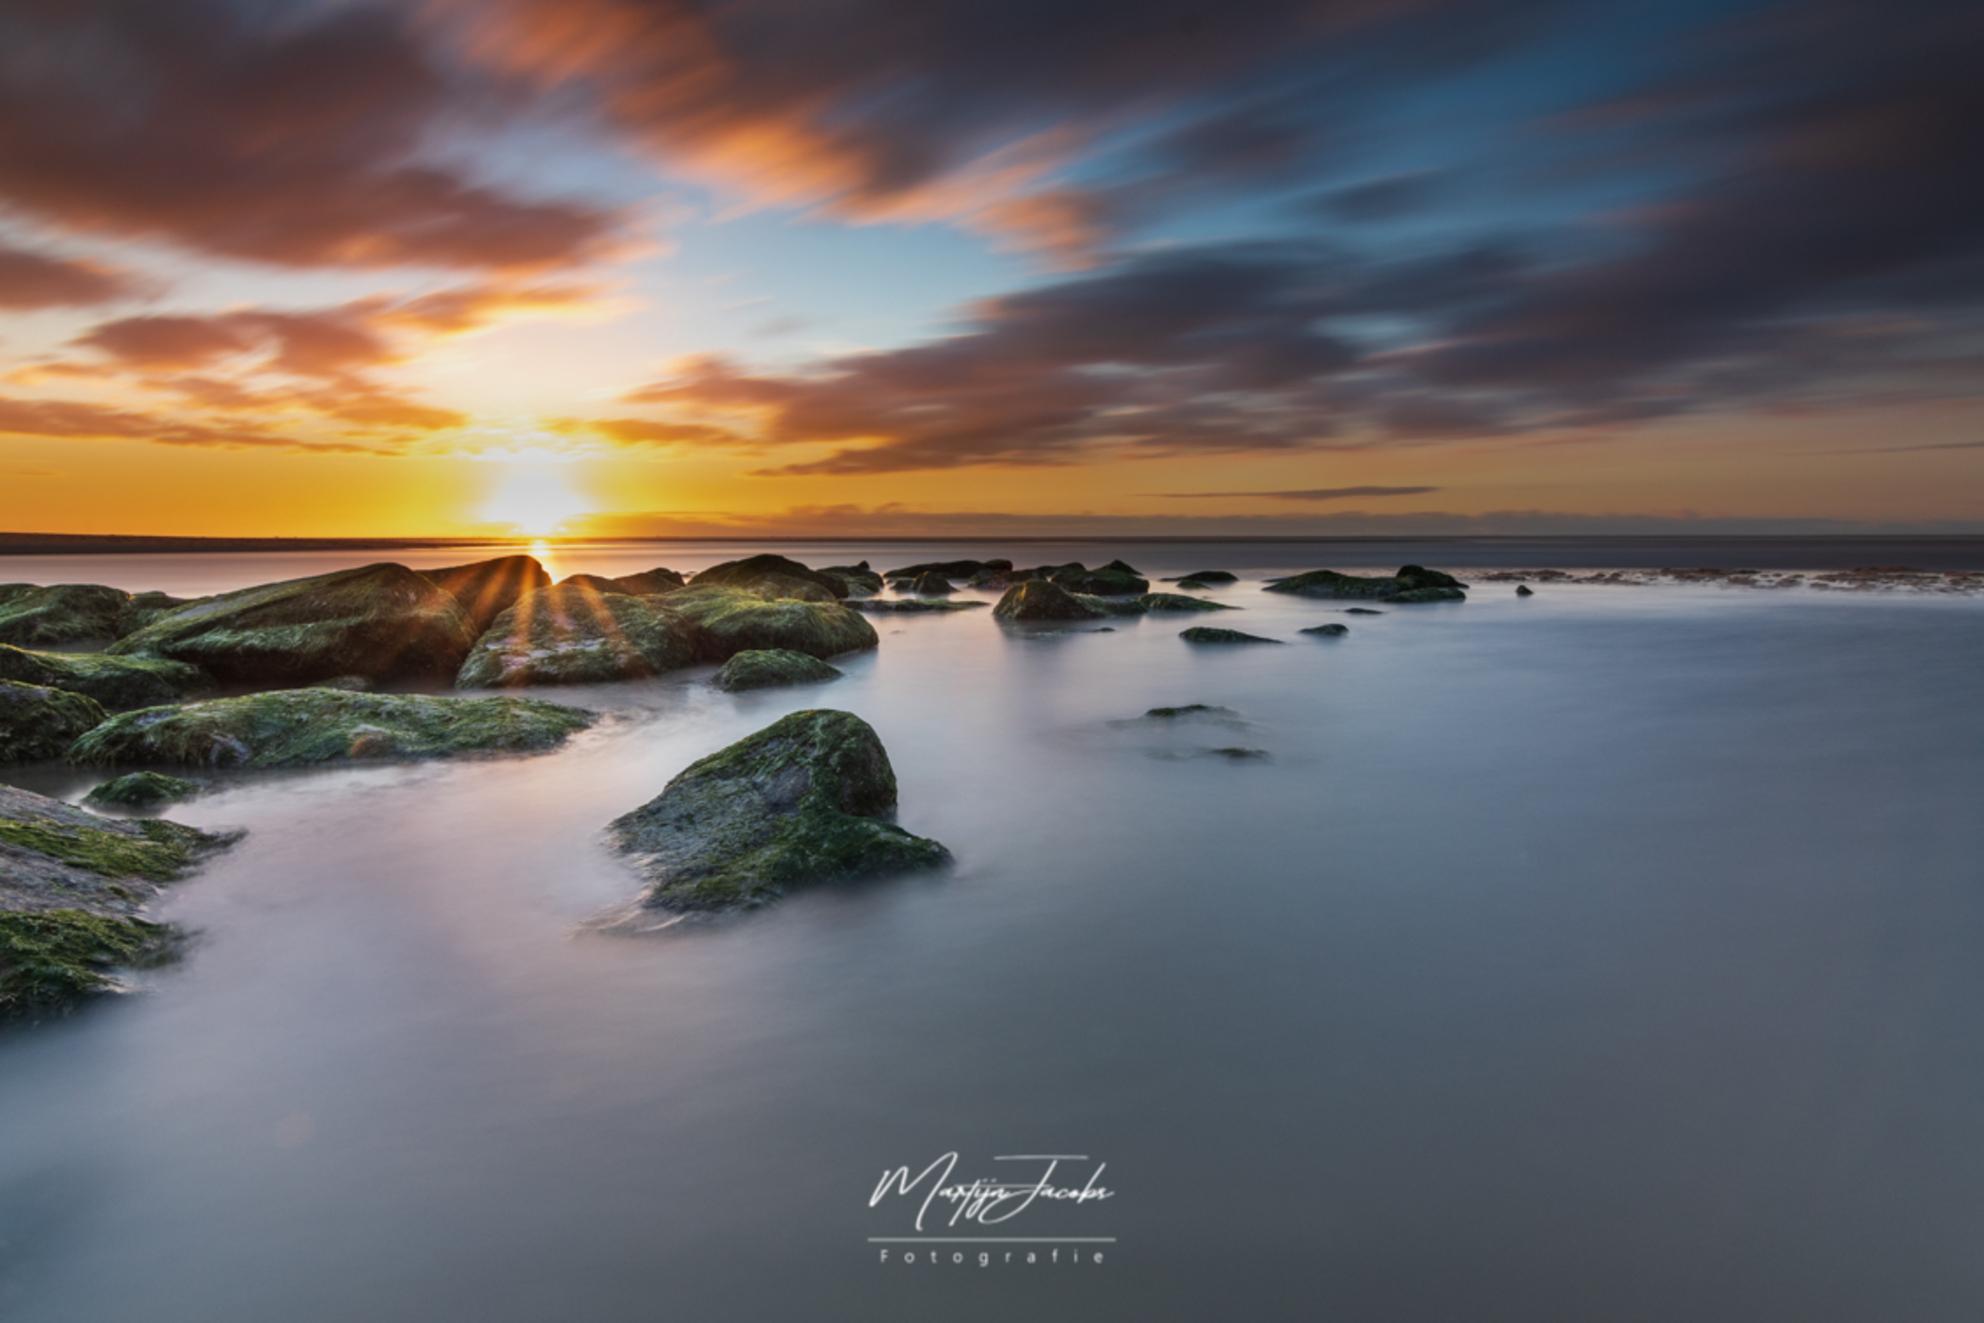 Beautiful sunsets need cloudy skies - - - foto door martijnjacobs1988 op 07-03-2021 - deze foto bevat: wolken, zon, strand, zee, water, avond, zonsondergang, landschap, tegenlicht, lange sluitertijd - Deze foto mag gebruikt worden in een Zoom.nl publicatie